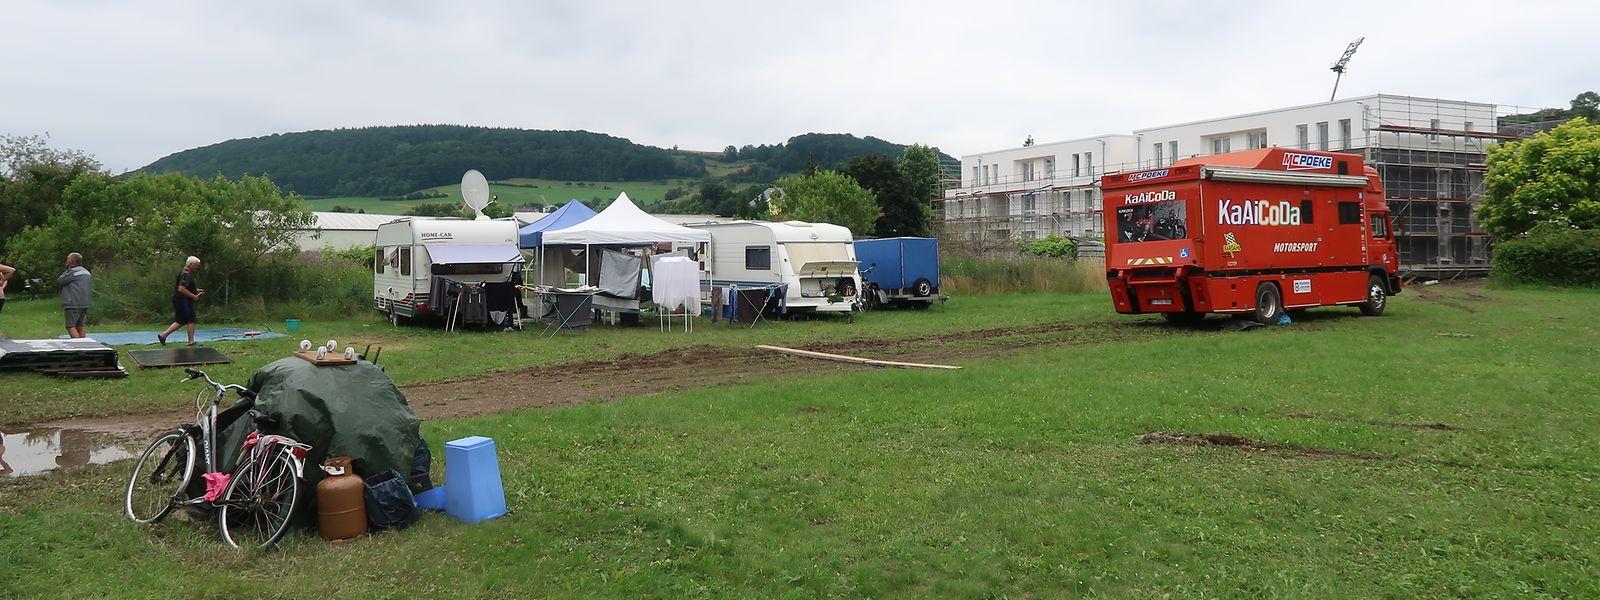 Nahe dem Camping de la Sûre haben sich mehrere Dauerbewohner des Ferienareals niedergelassen. Sie warten ab, bis sich das Hochwasser wieder zurückgezogen hat und kehren dann wieder auf ihre üblichen Stellplätze zurück.